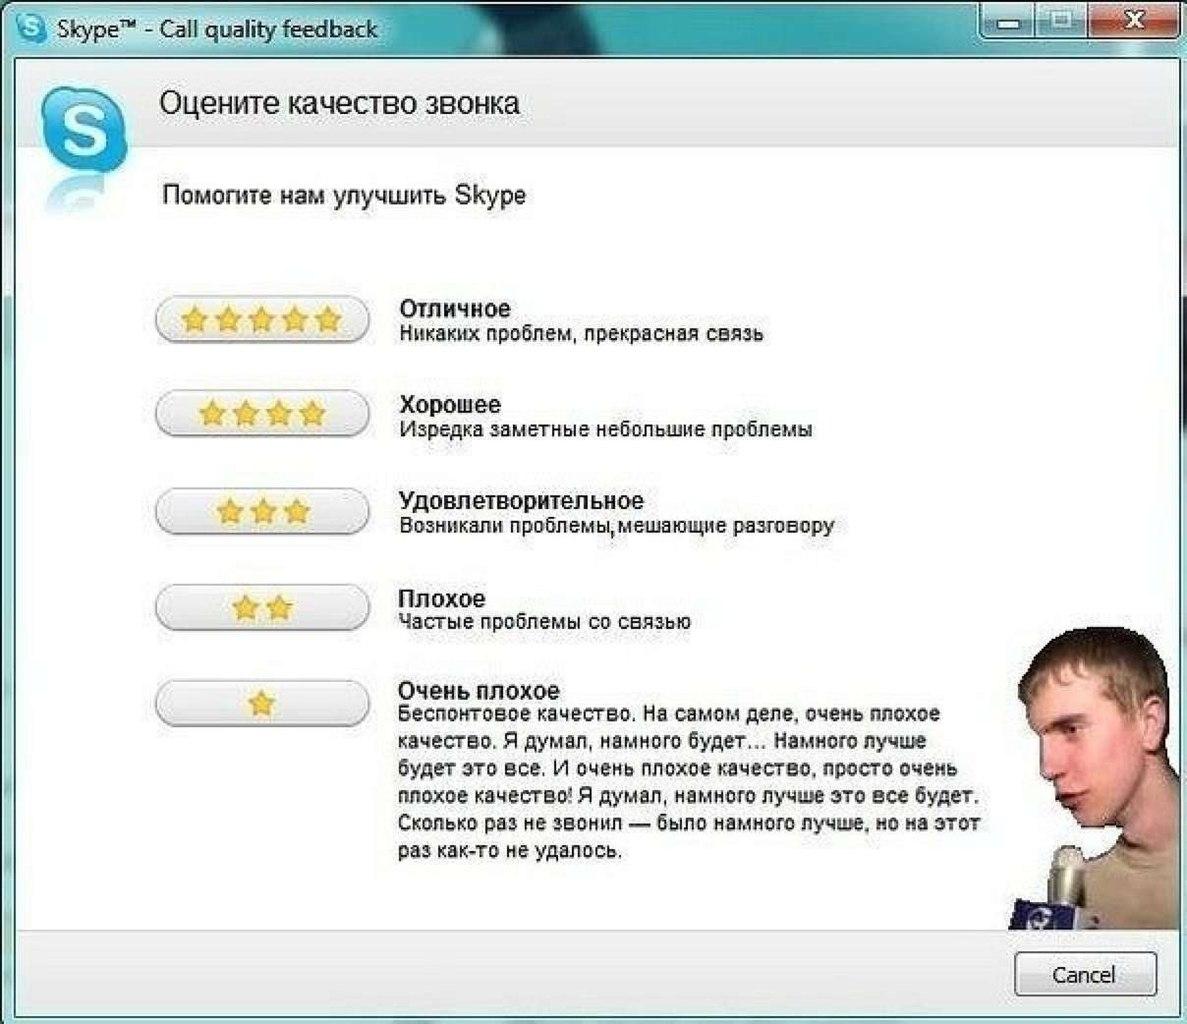 Приколы по скайпу с девушкой 24 фотография